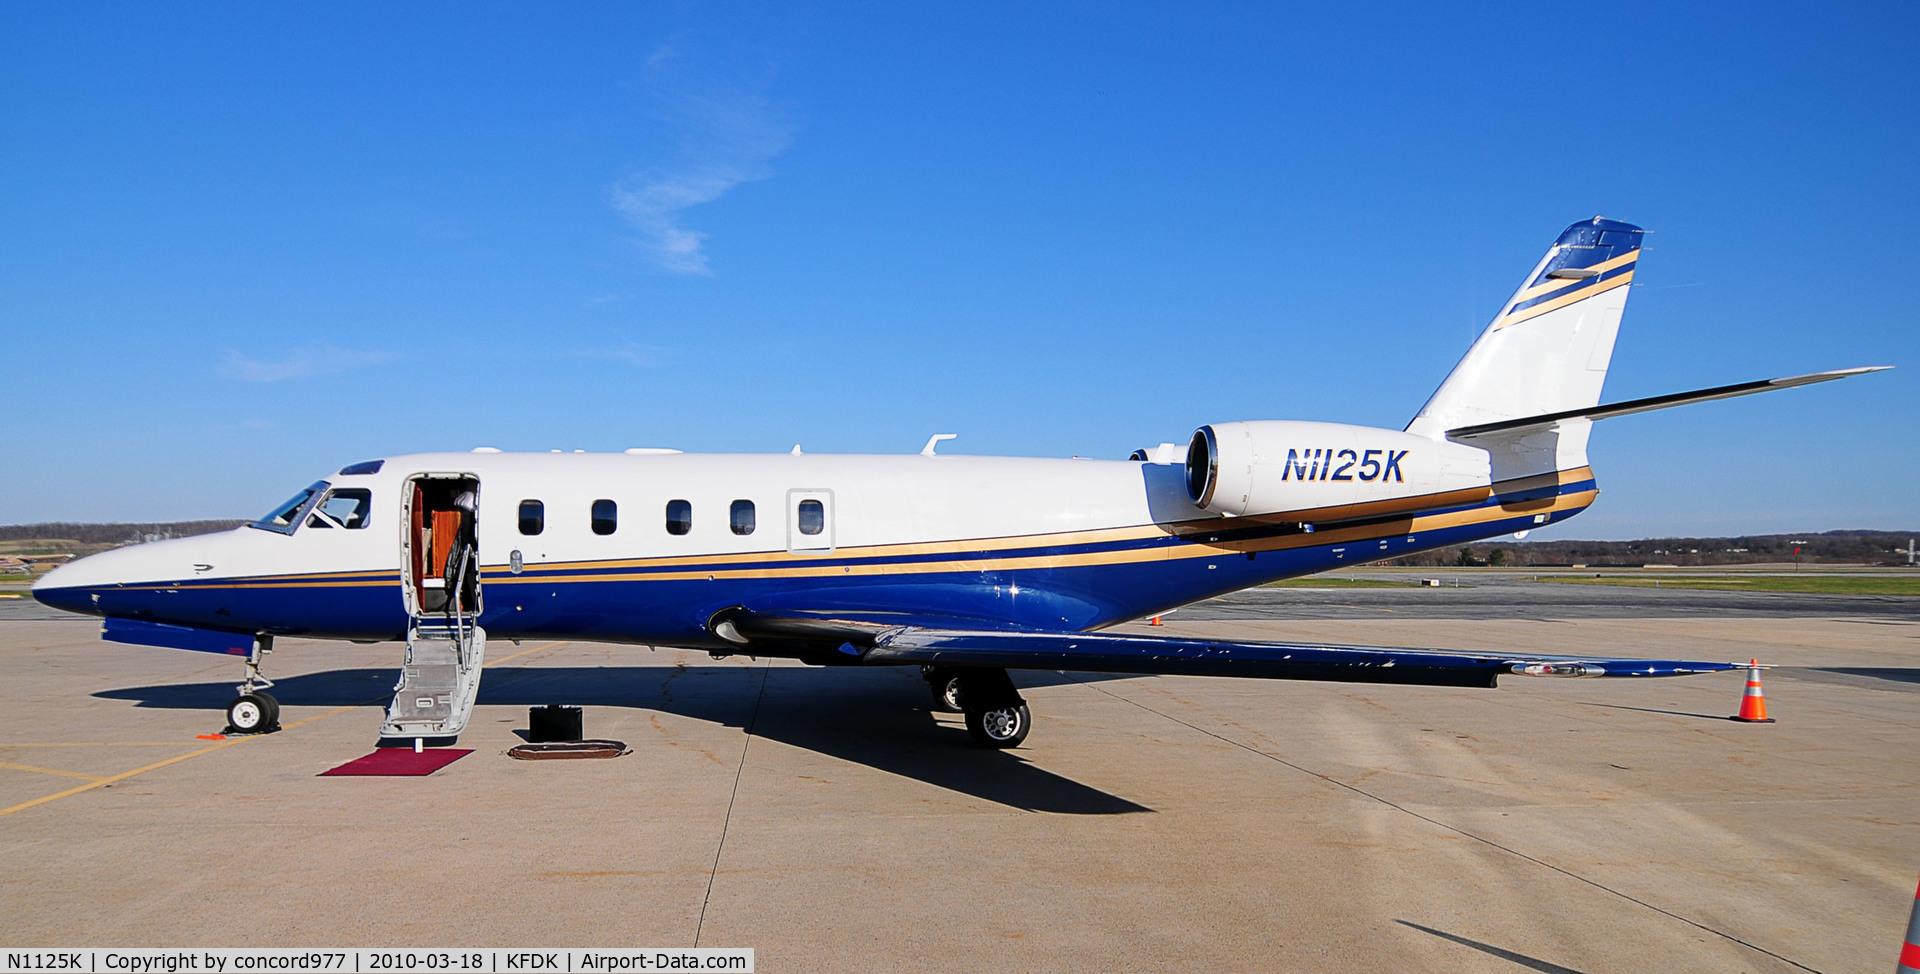 N1125K, 1986 Israel Aircraft Industries 1125 Westwind Astra C/N 035, Seen at KFDK 0n 3/18/2010.